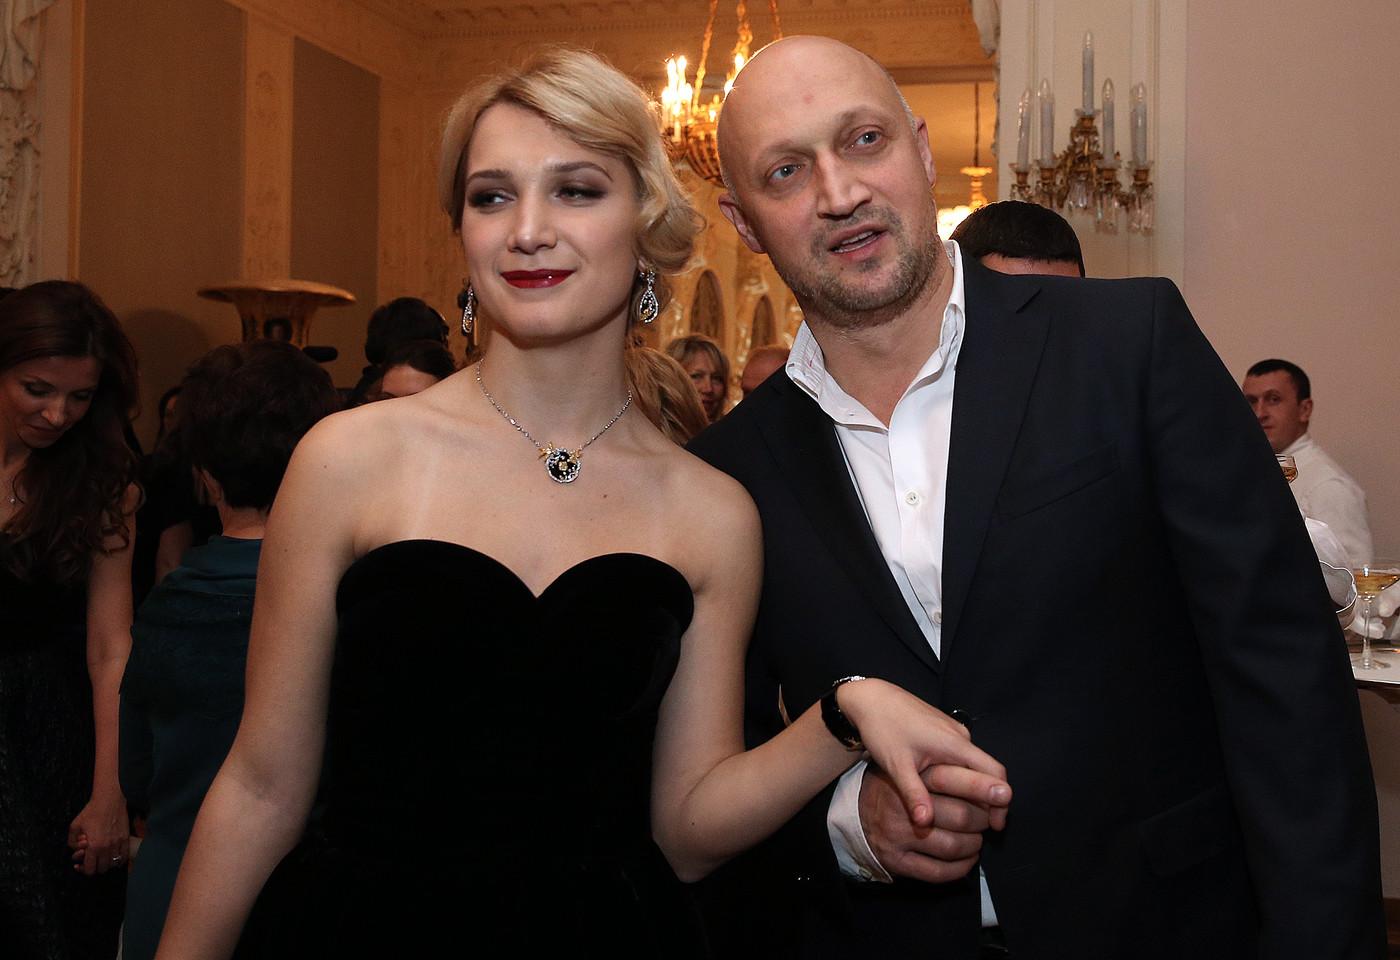 Гоша Куценко пожаловался на страничку бывшей супруги Марии Порошиной